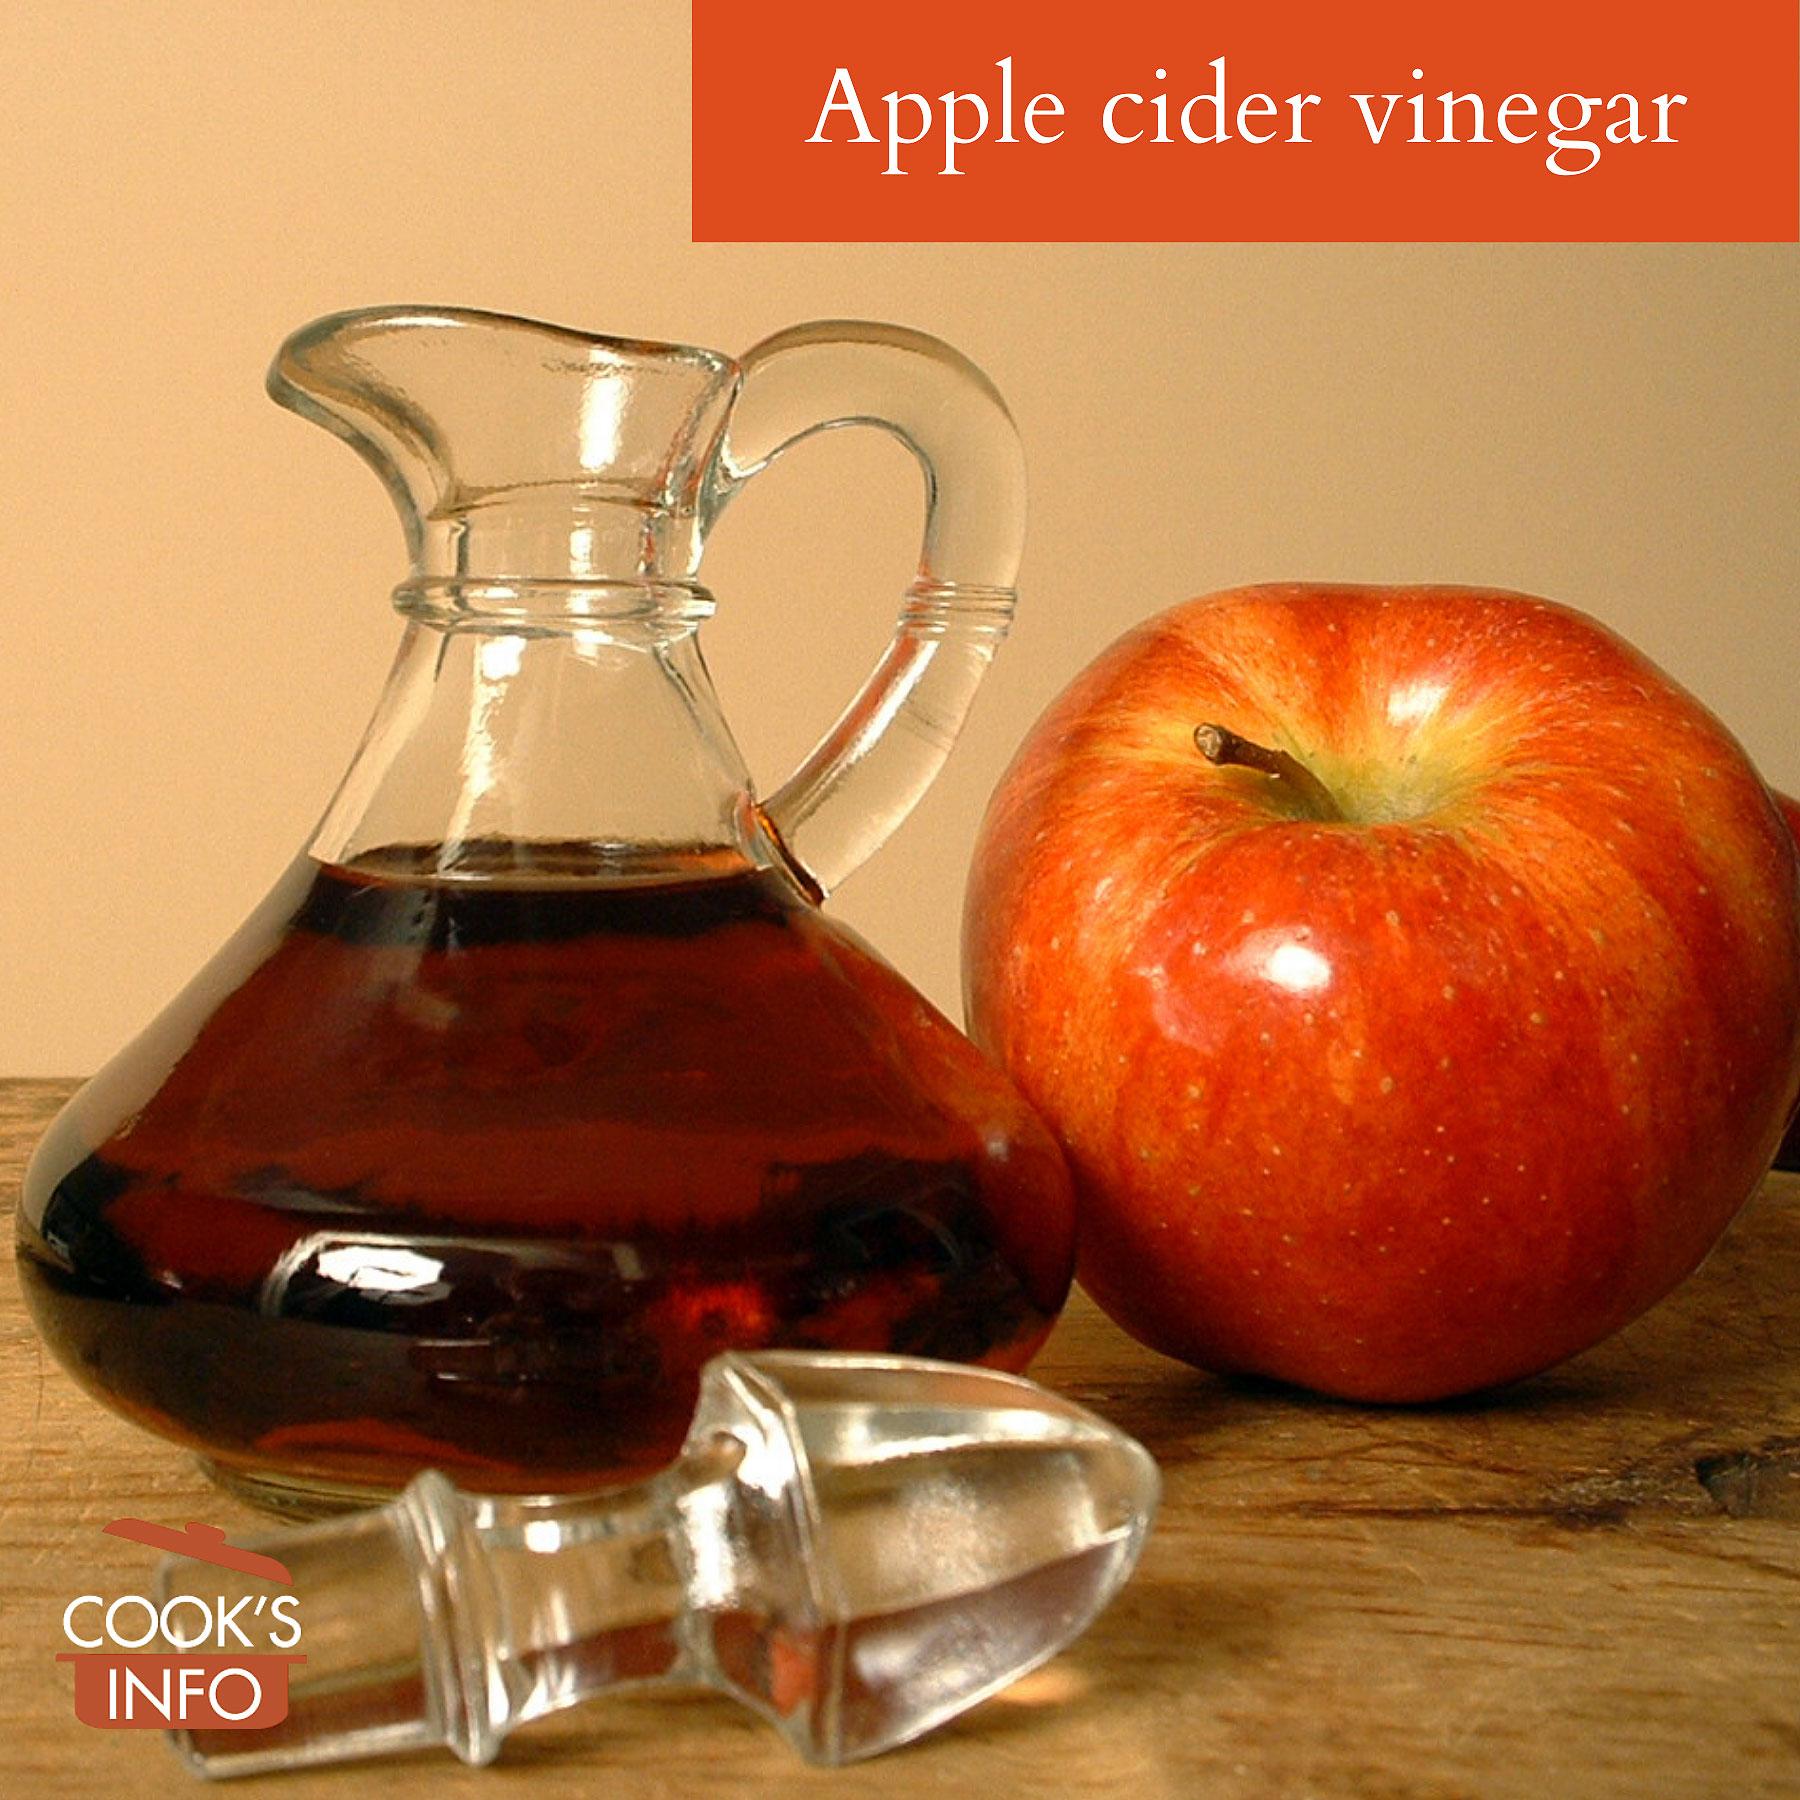 Apple cider vinegar next to an apple